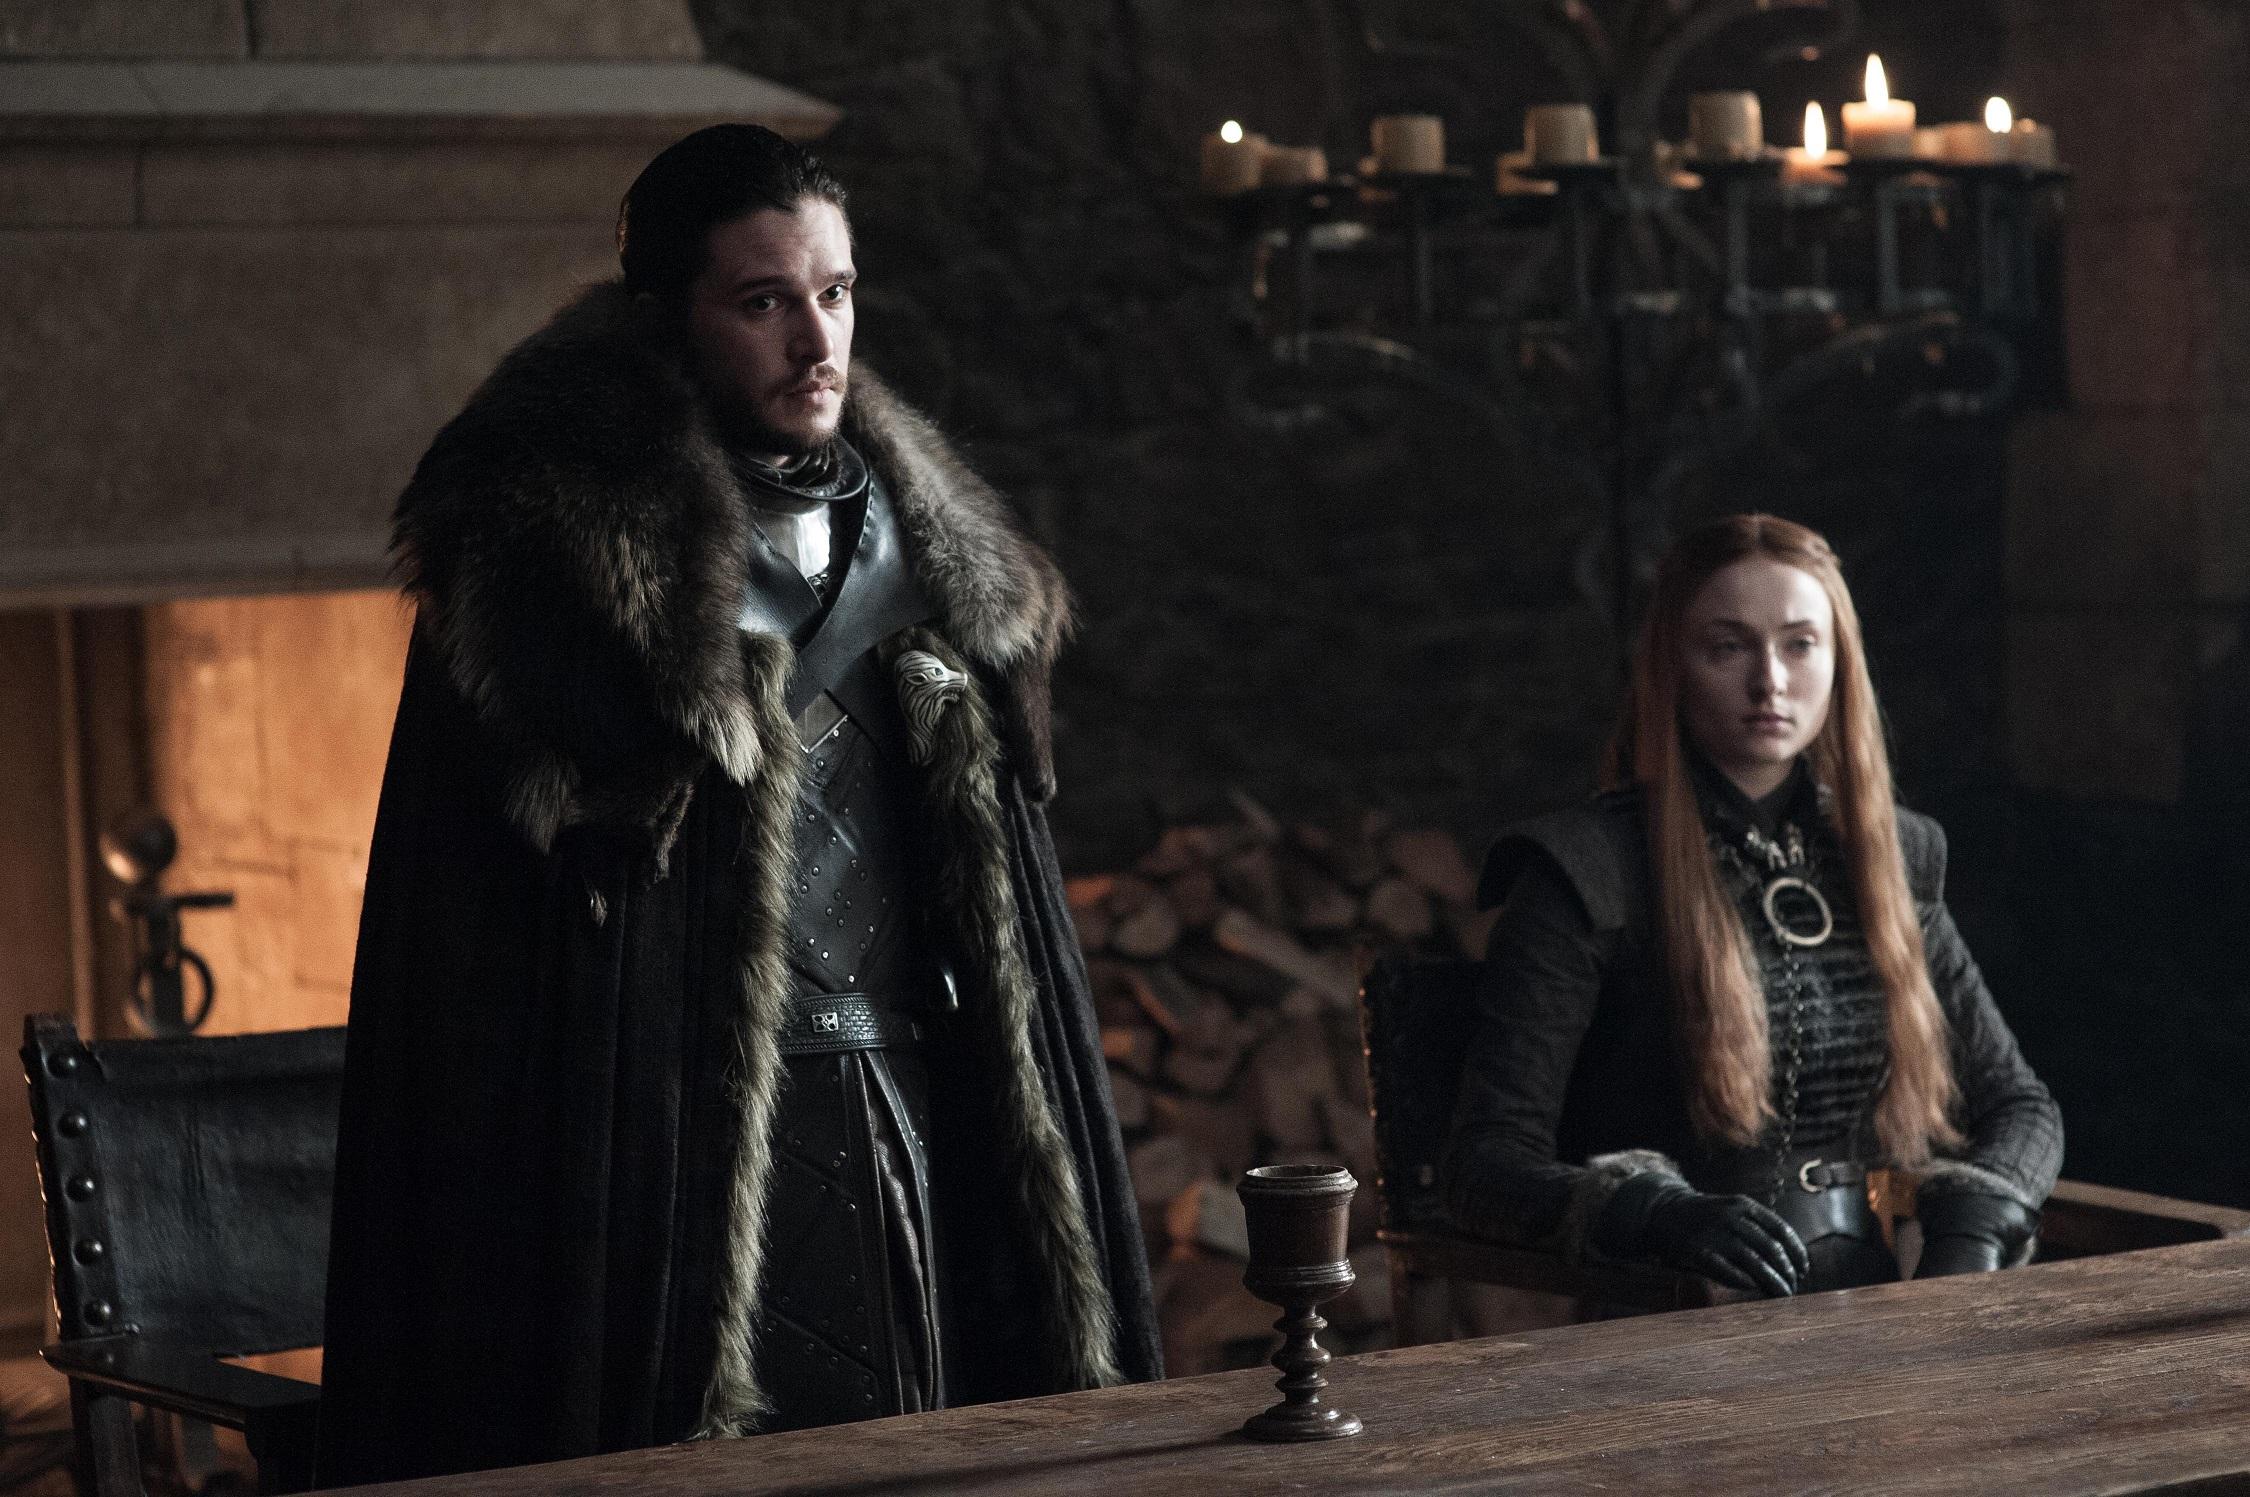 701 - Winterfell - Jon, Sansa 1